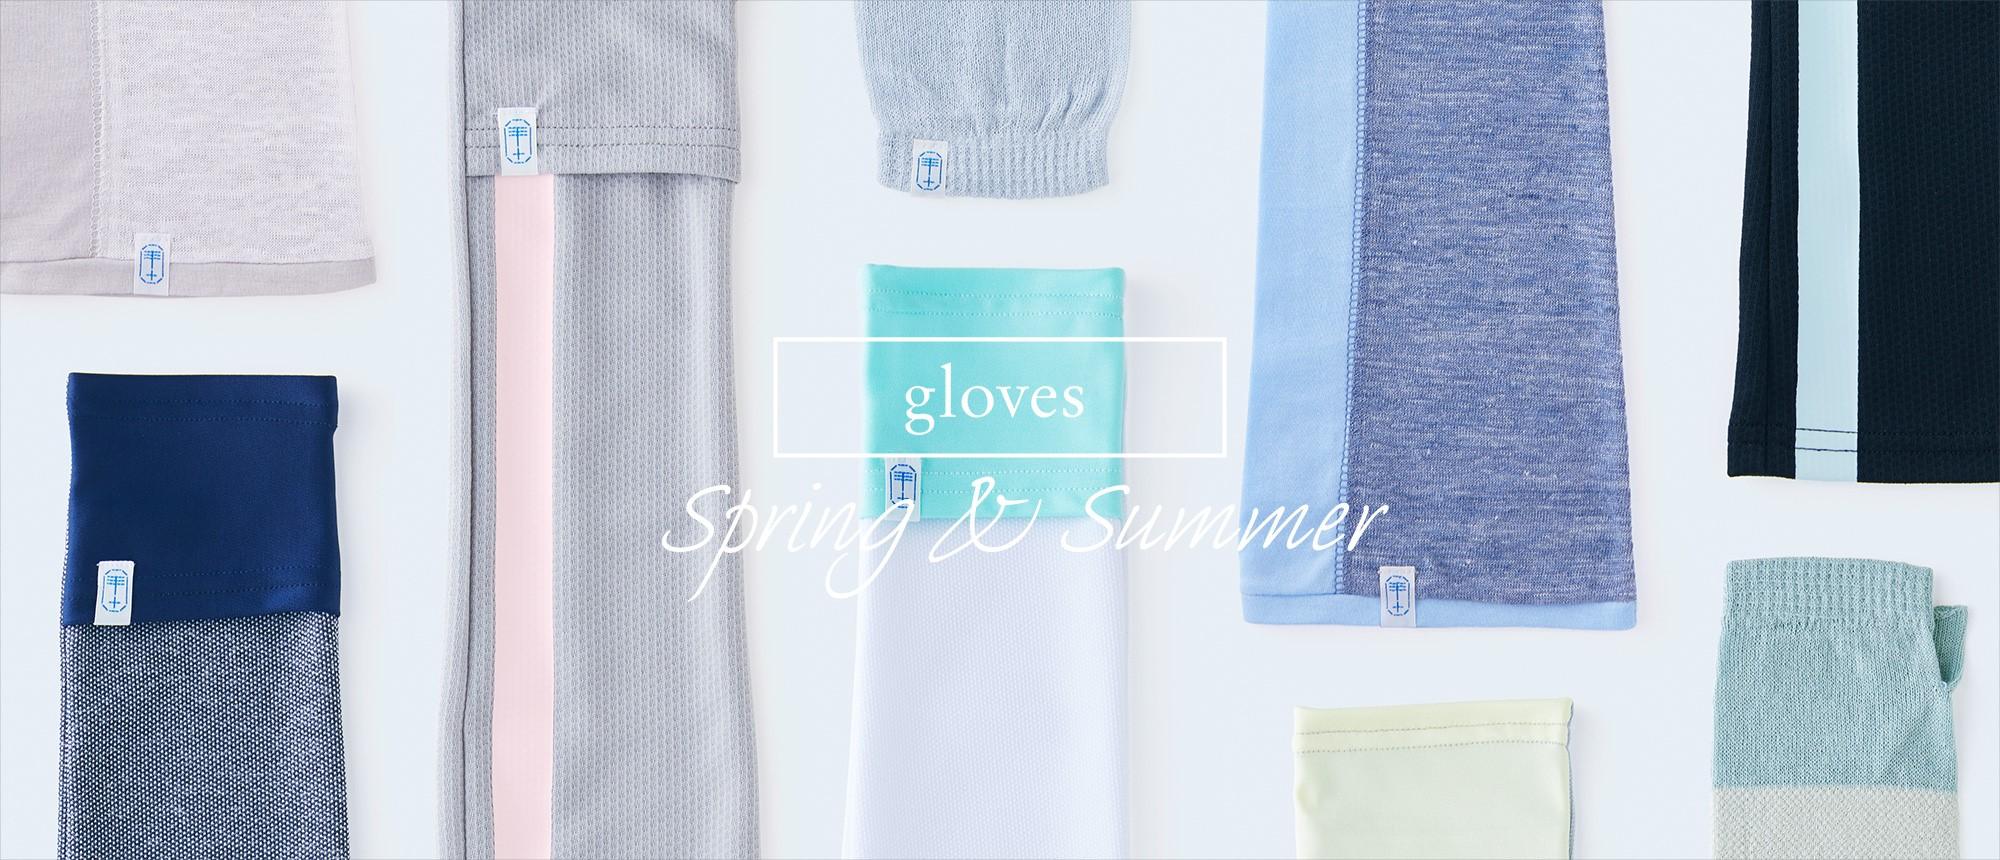 tet_2020ss_gloves_visual